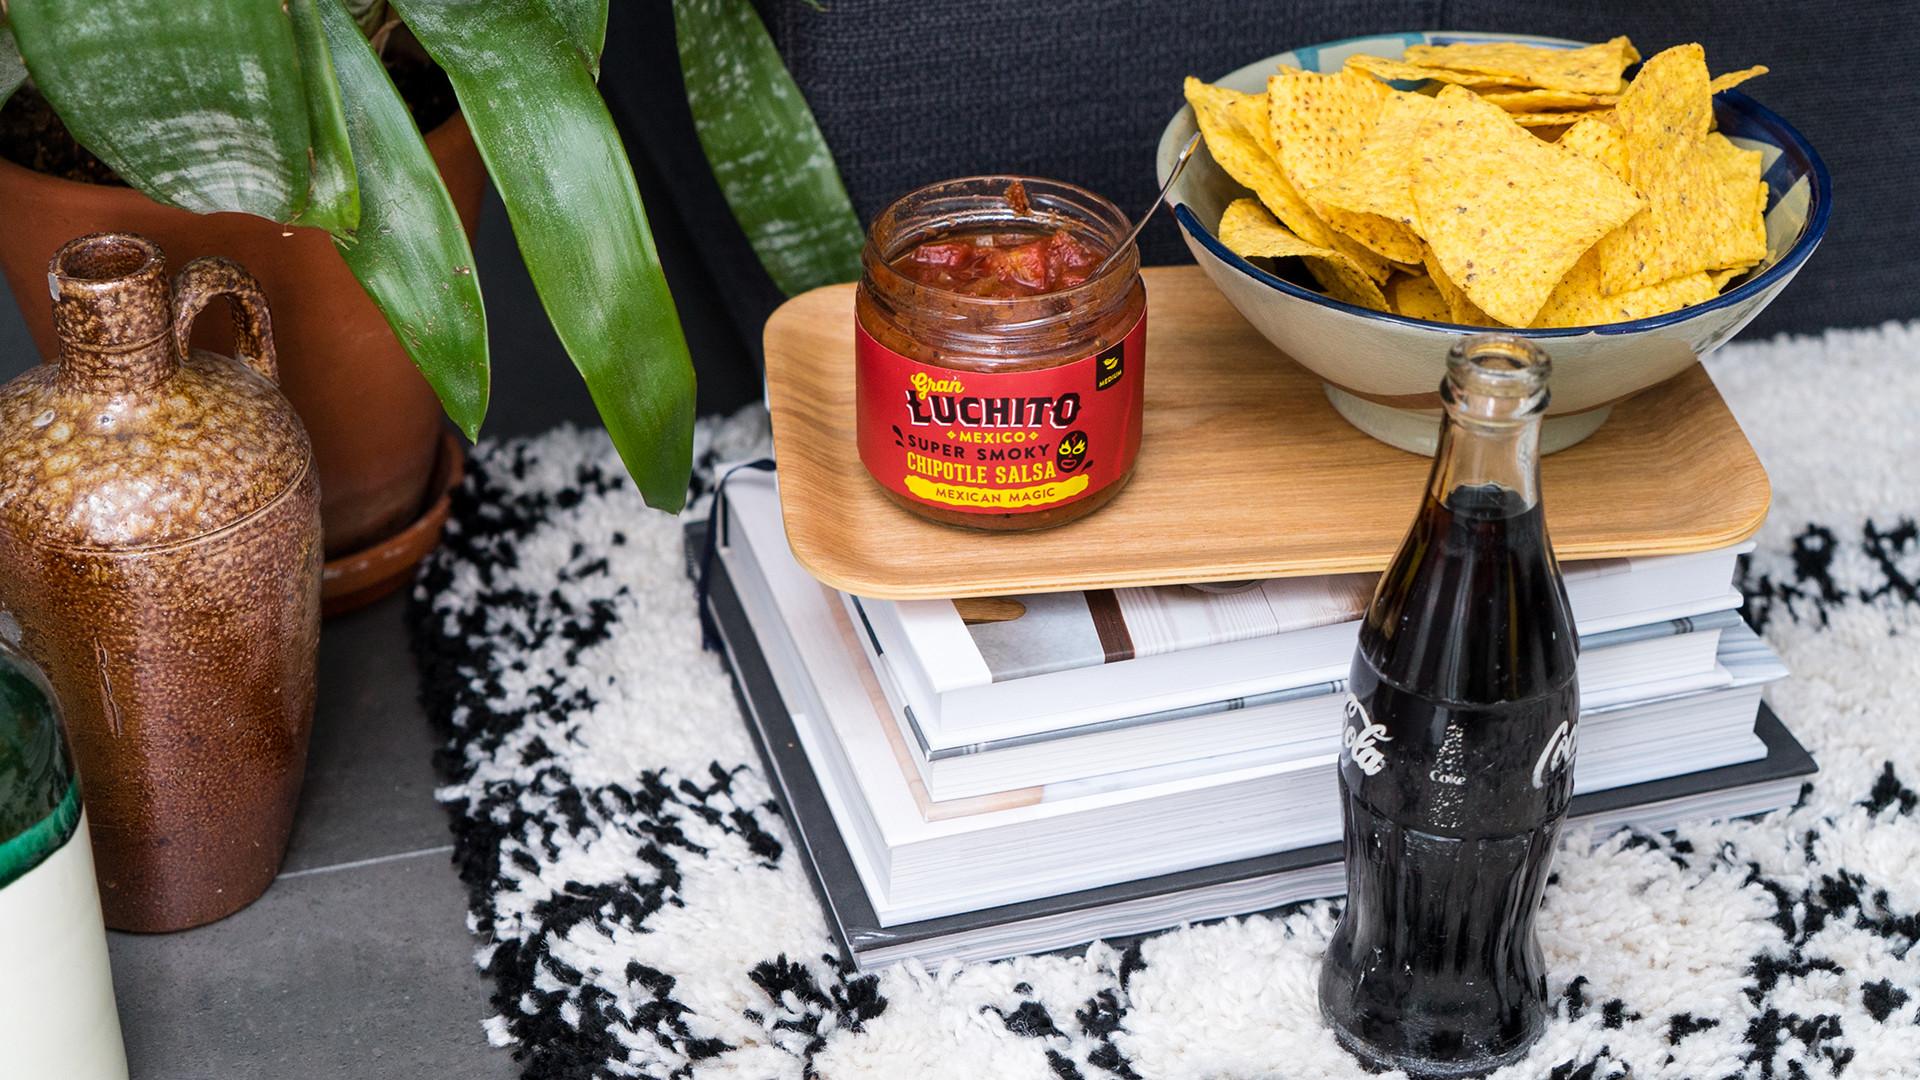 Gran Luchito's chipotle salsa